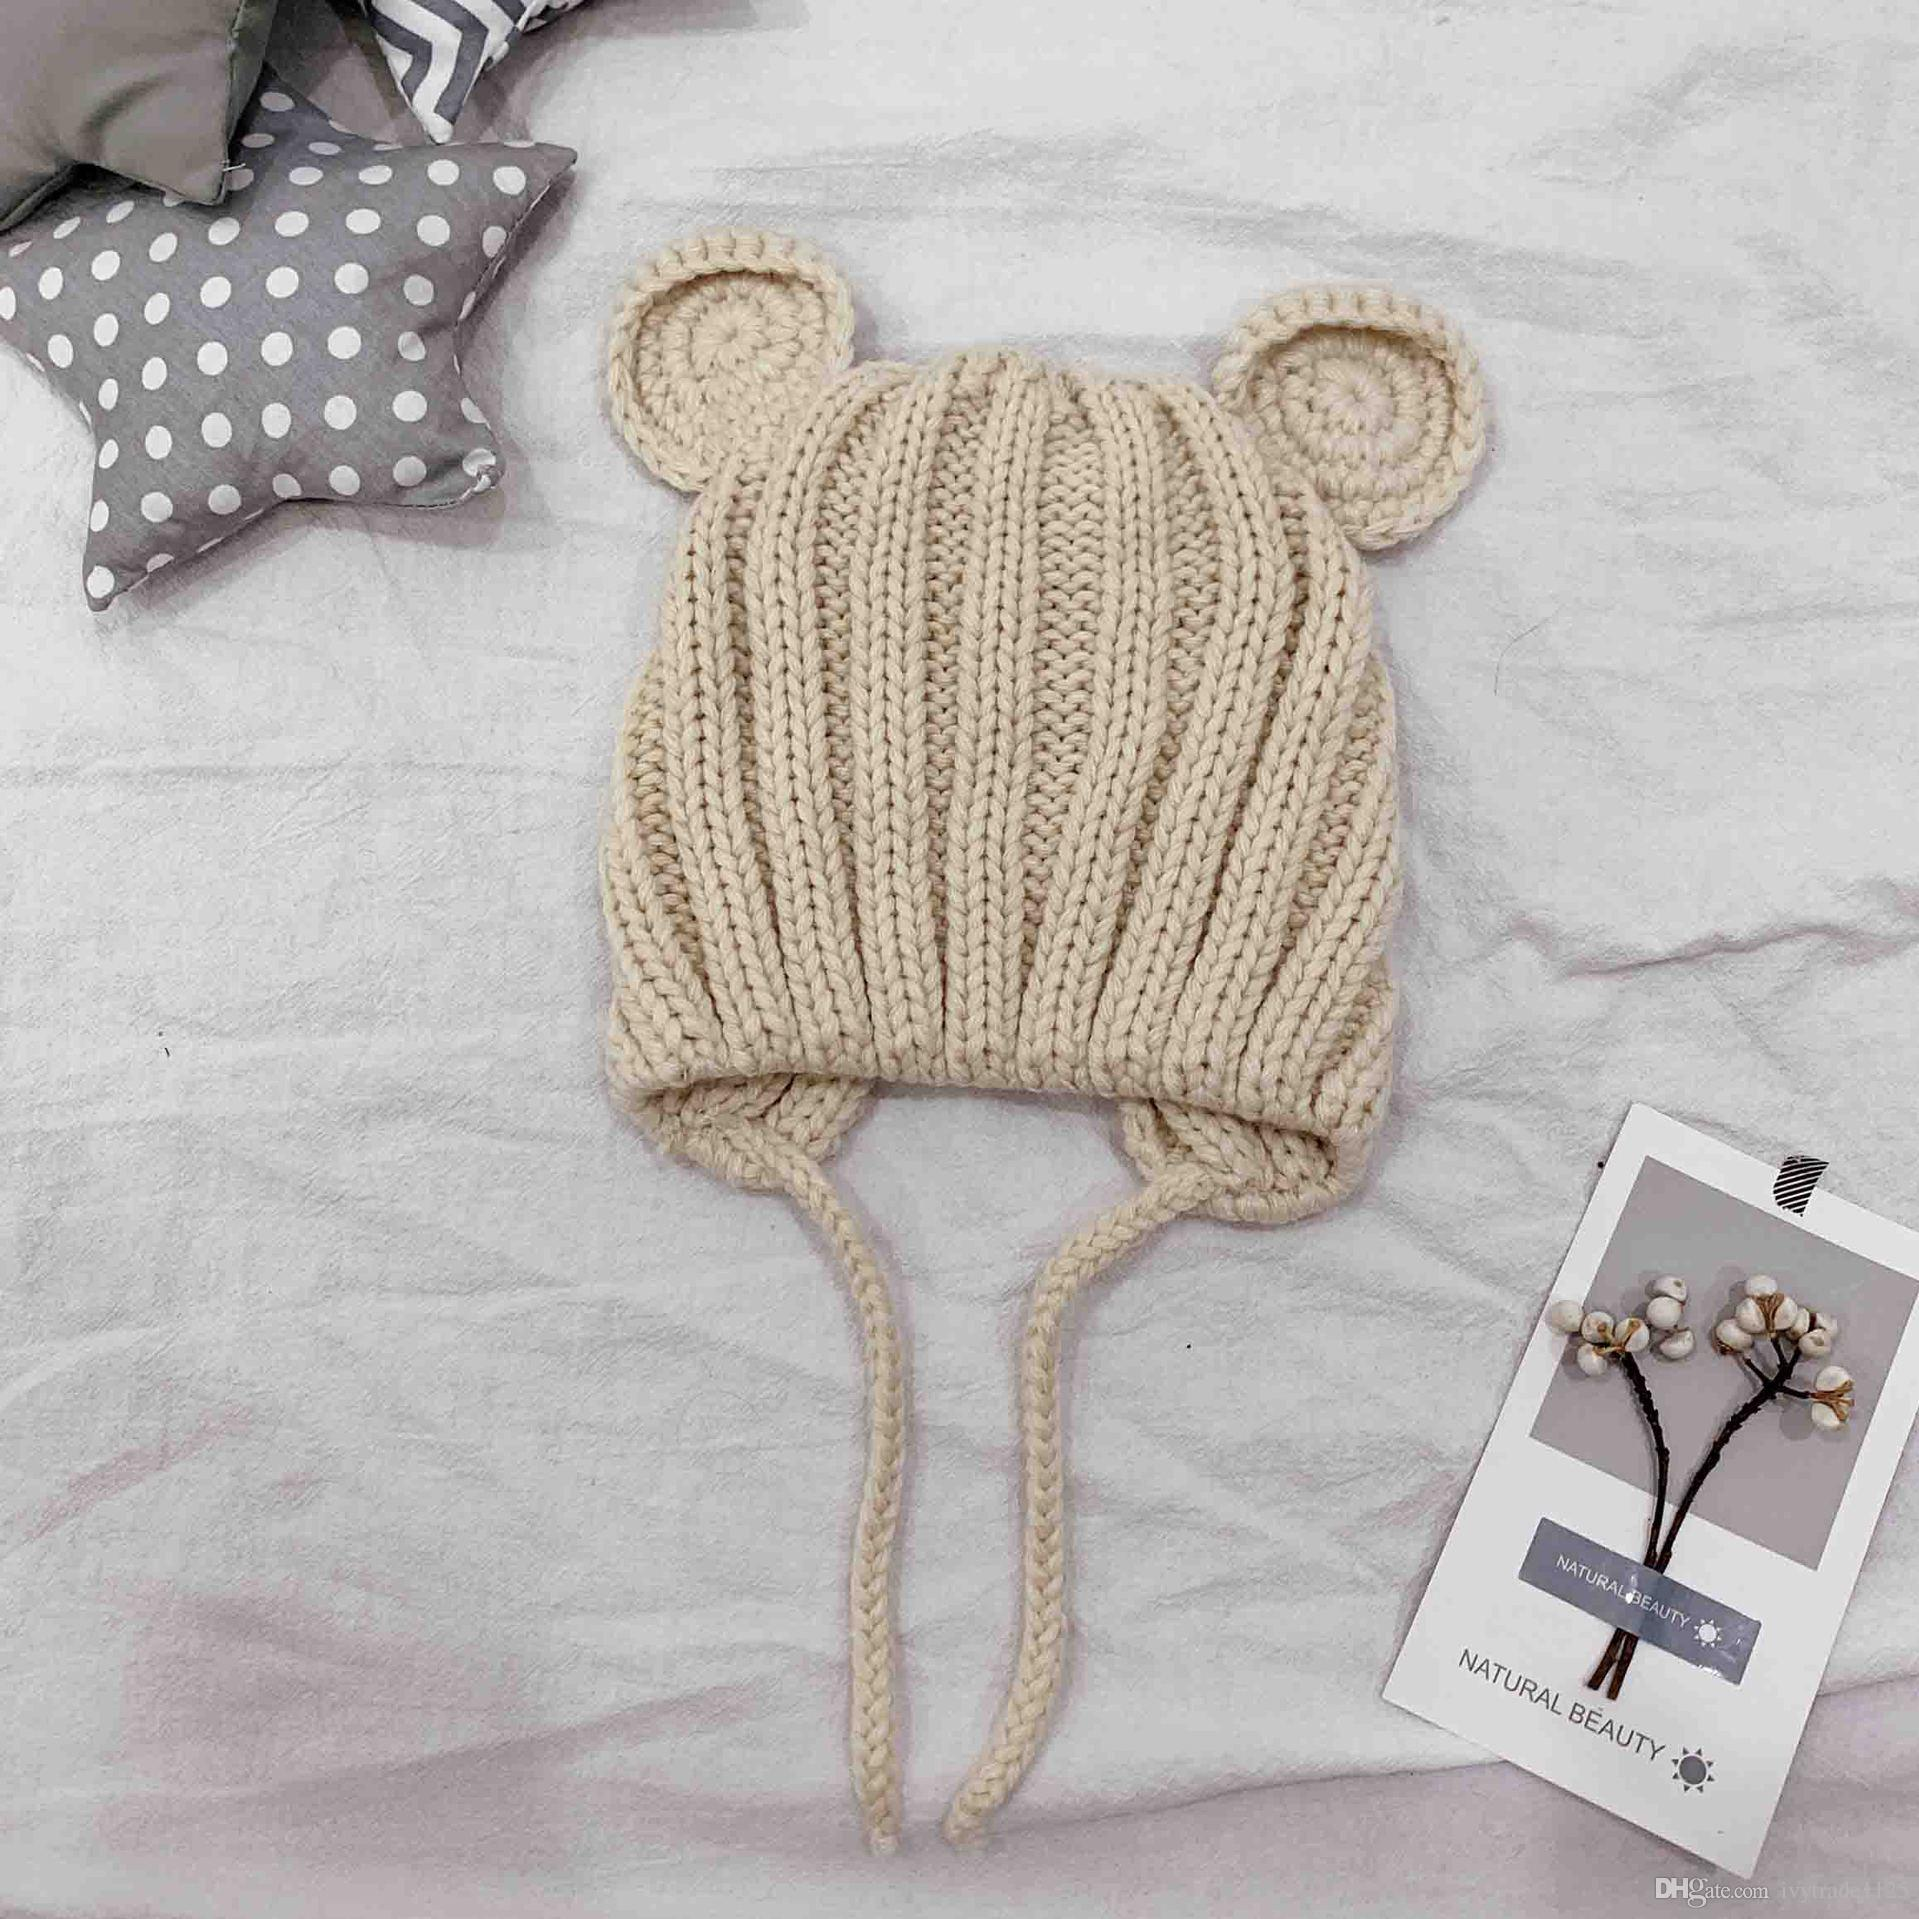 ألوان الحلوى للأطفال في فصل الشتاء الدافئ قبعة قبعة الكرة حك الكروشيه الفتيان الفتيات محبوك قبعة القط الأذن الدافئة